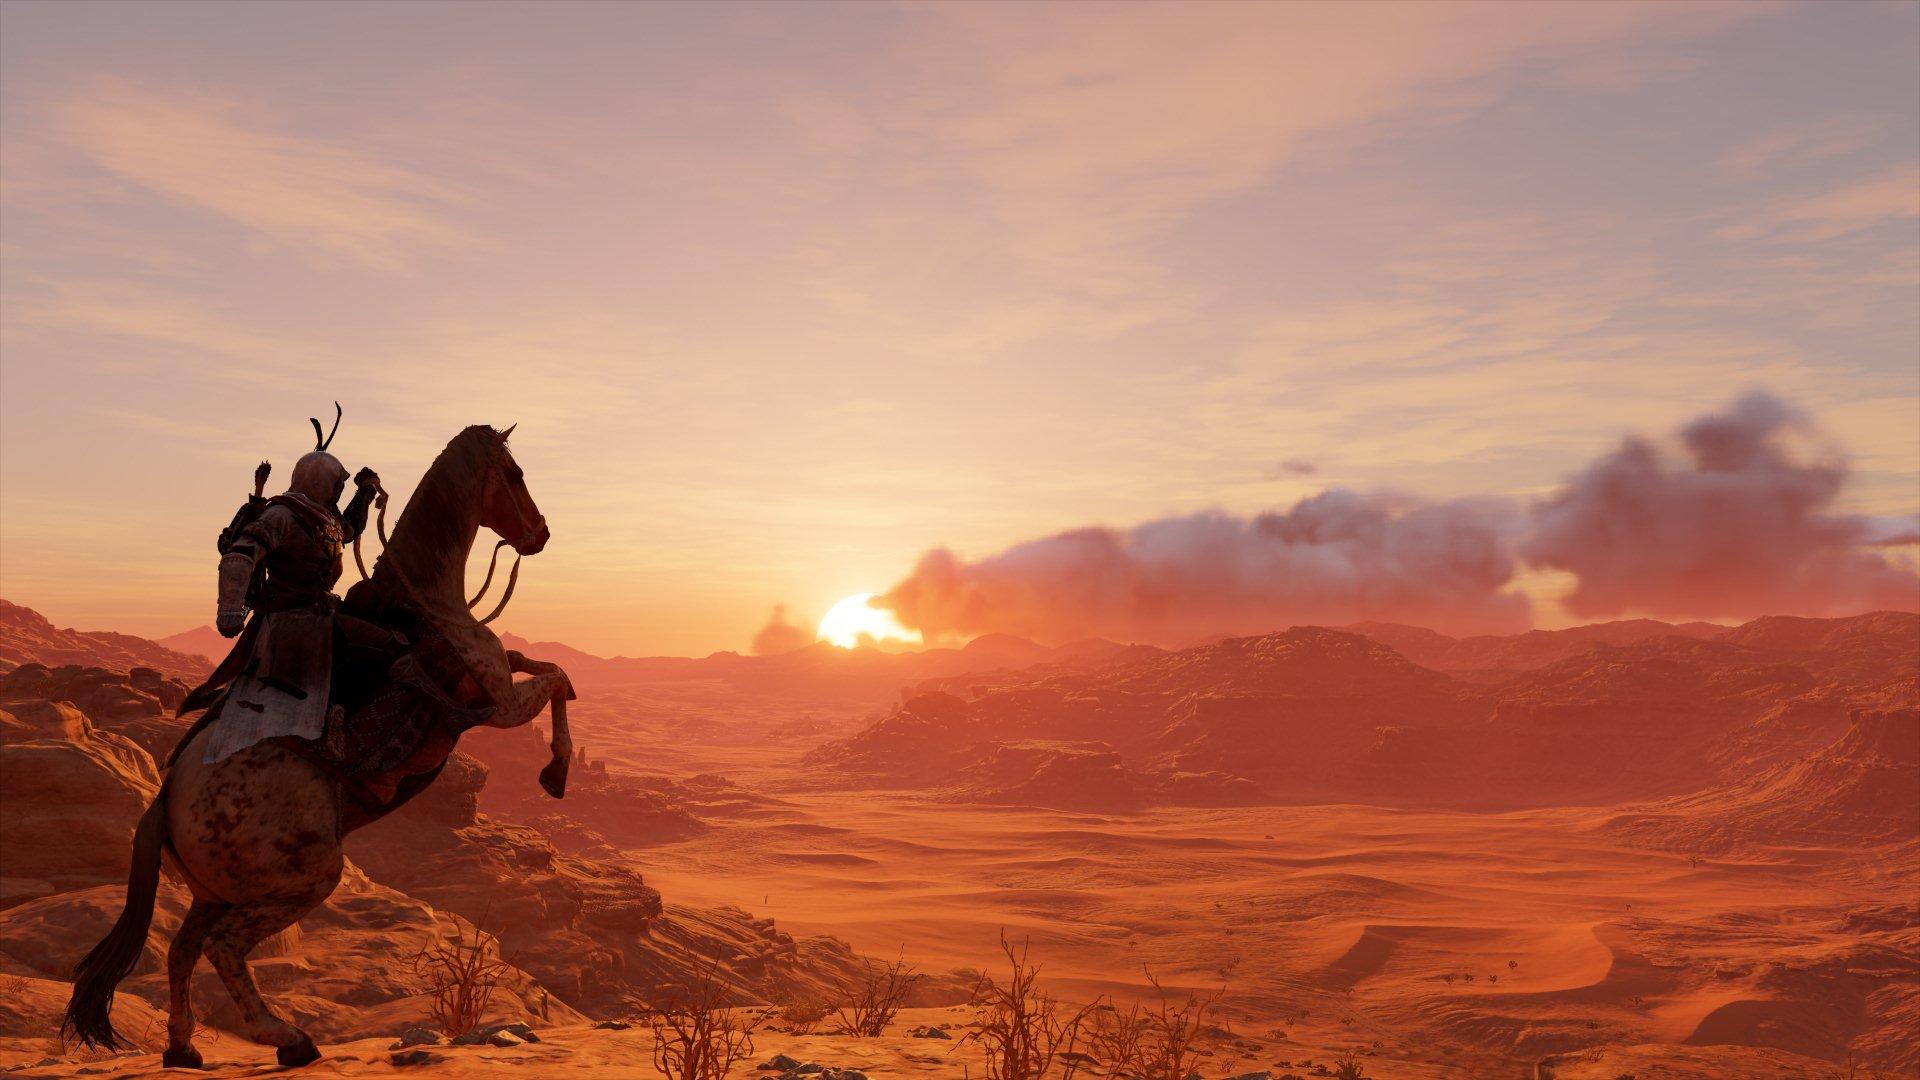 20180218195151.jpg - Assassin's Creed: Origins